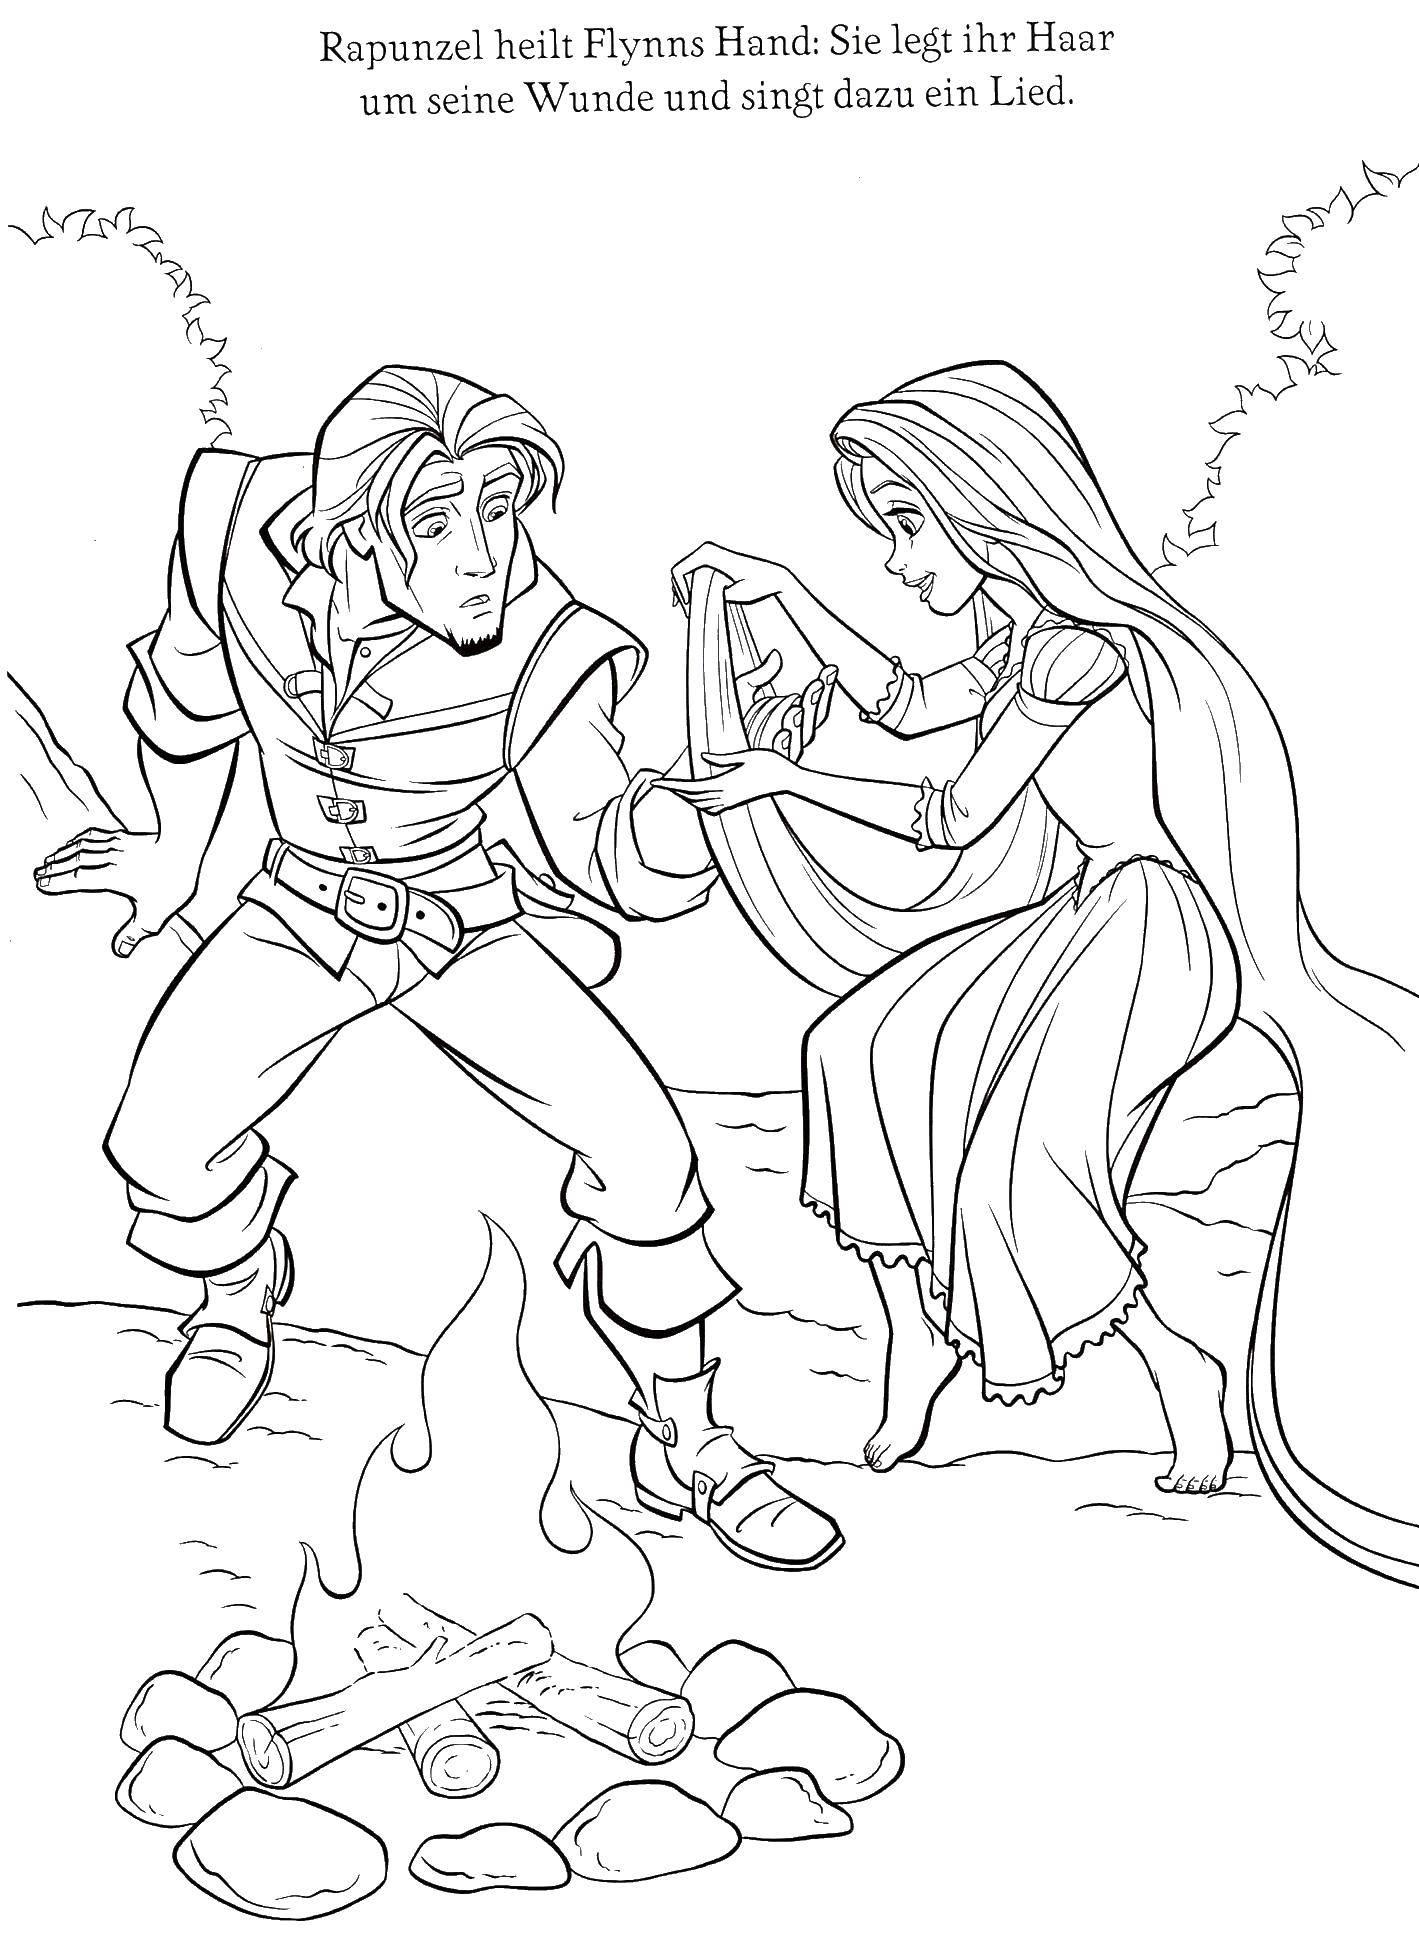 Coloring sheet fairy tales heroes Download Christmas, deer, new year,.  Print